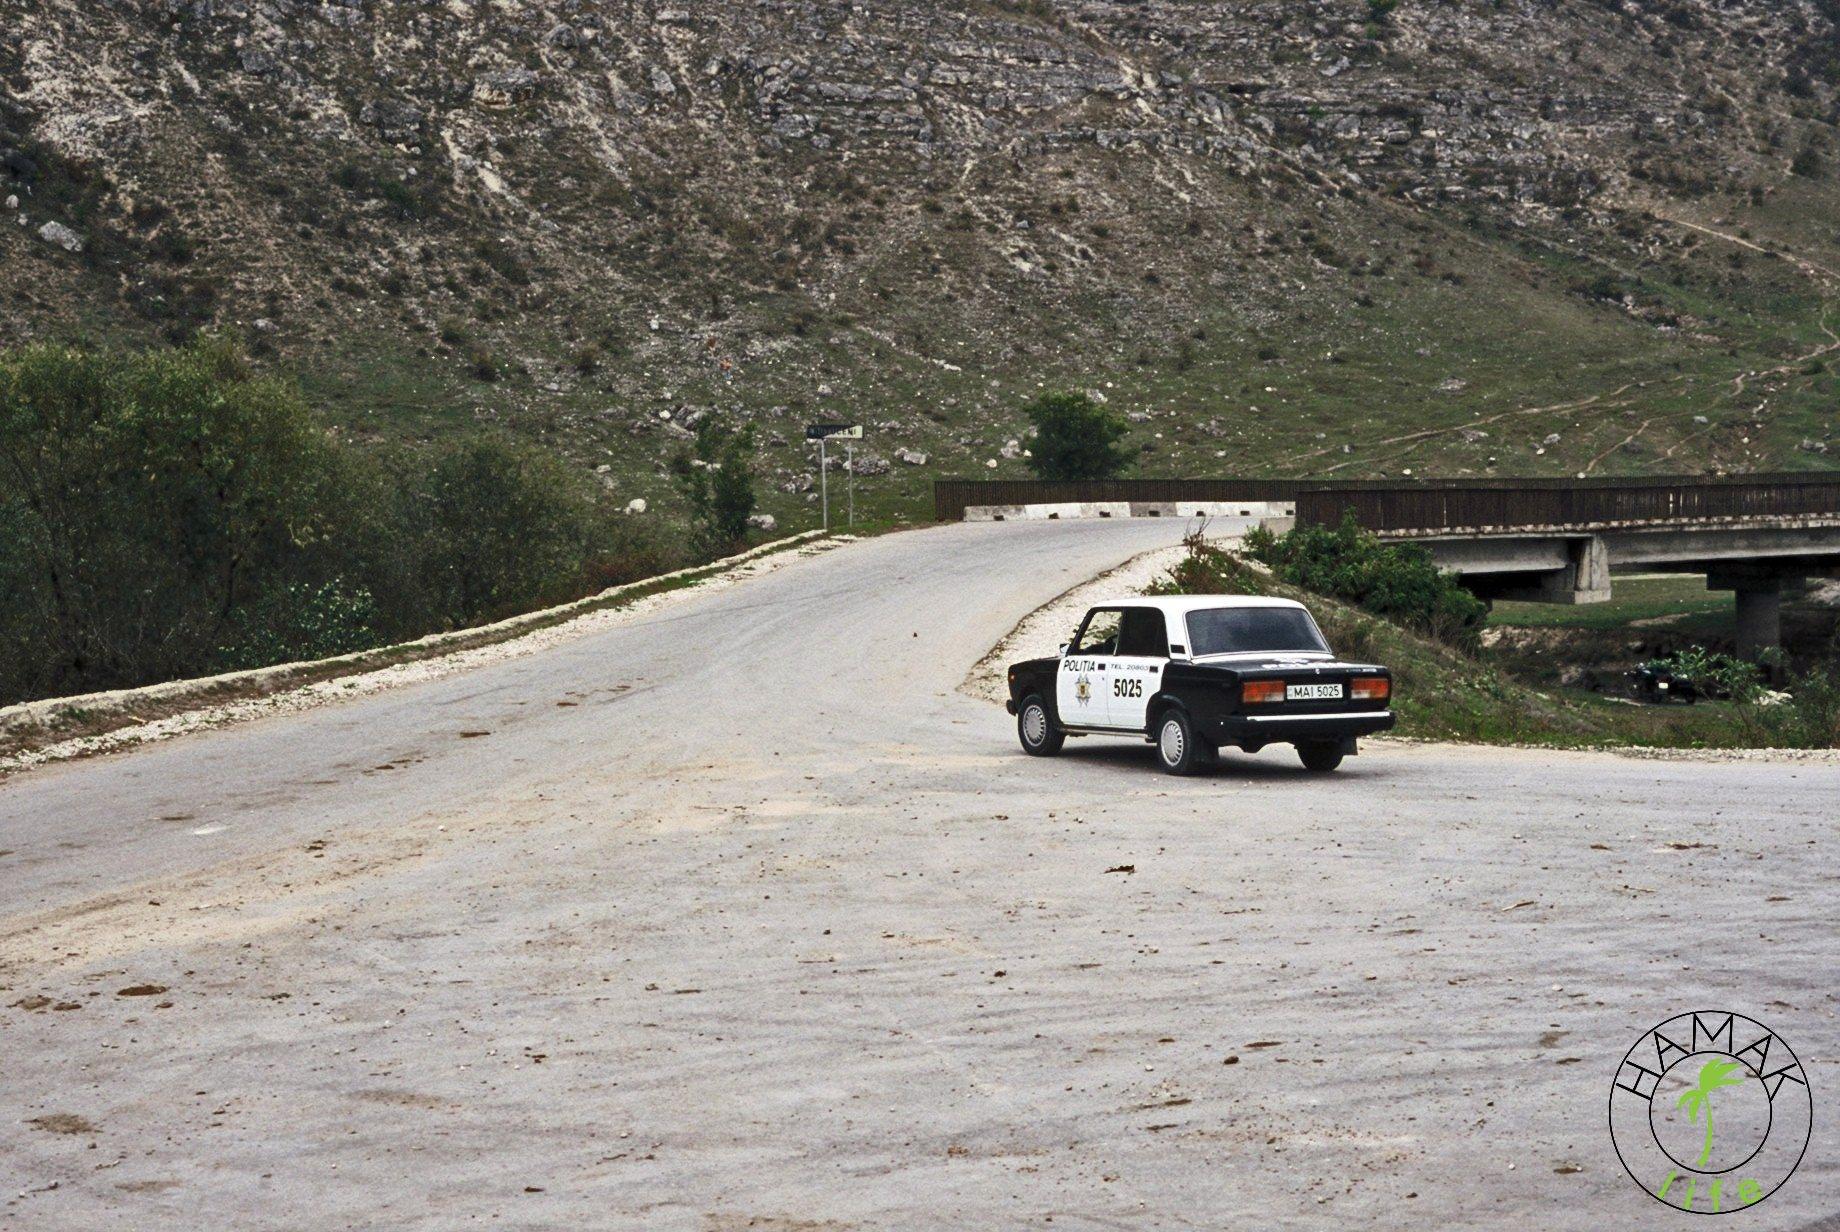 Reportaż z wioski w Mołdawii. Odjeżdżający samochód policyjny.